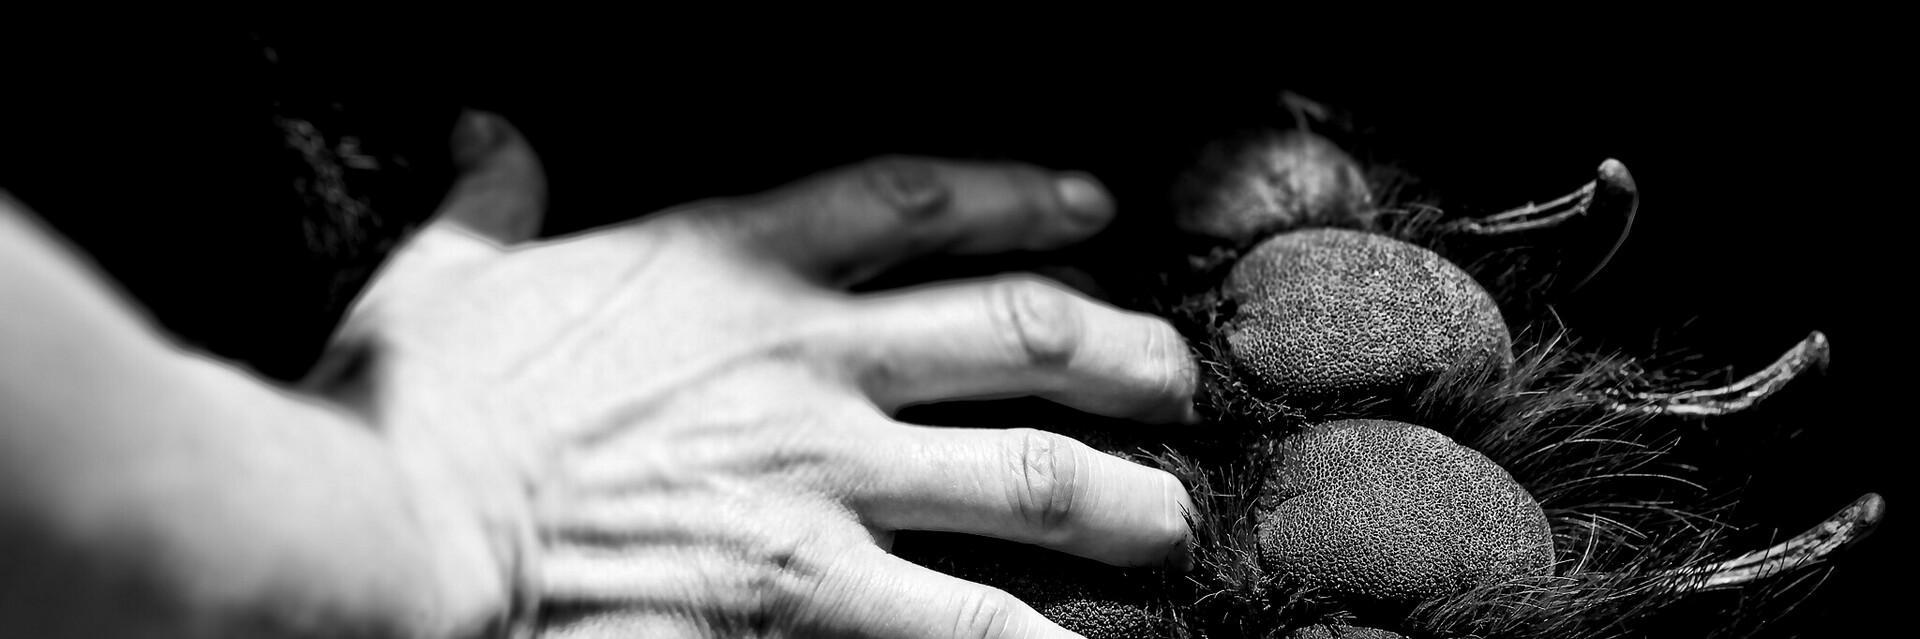 Hand auf Bärentatze